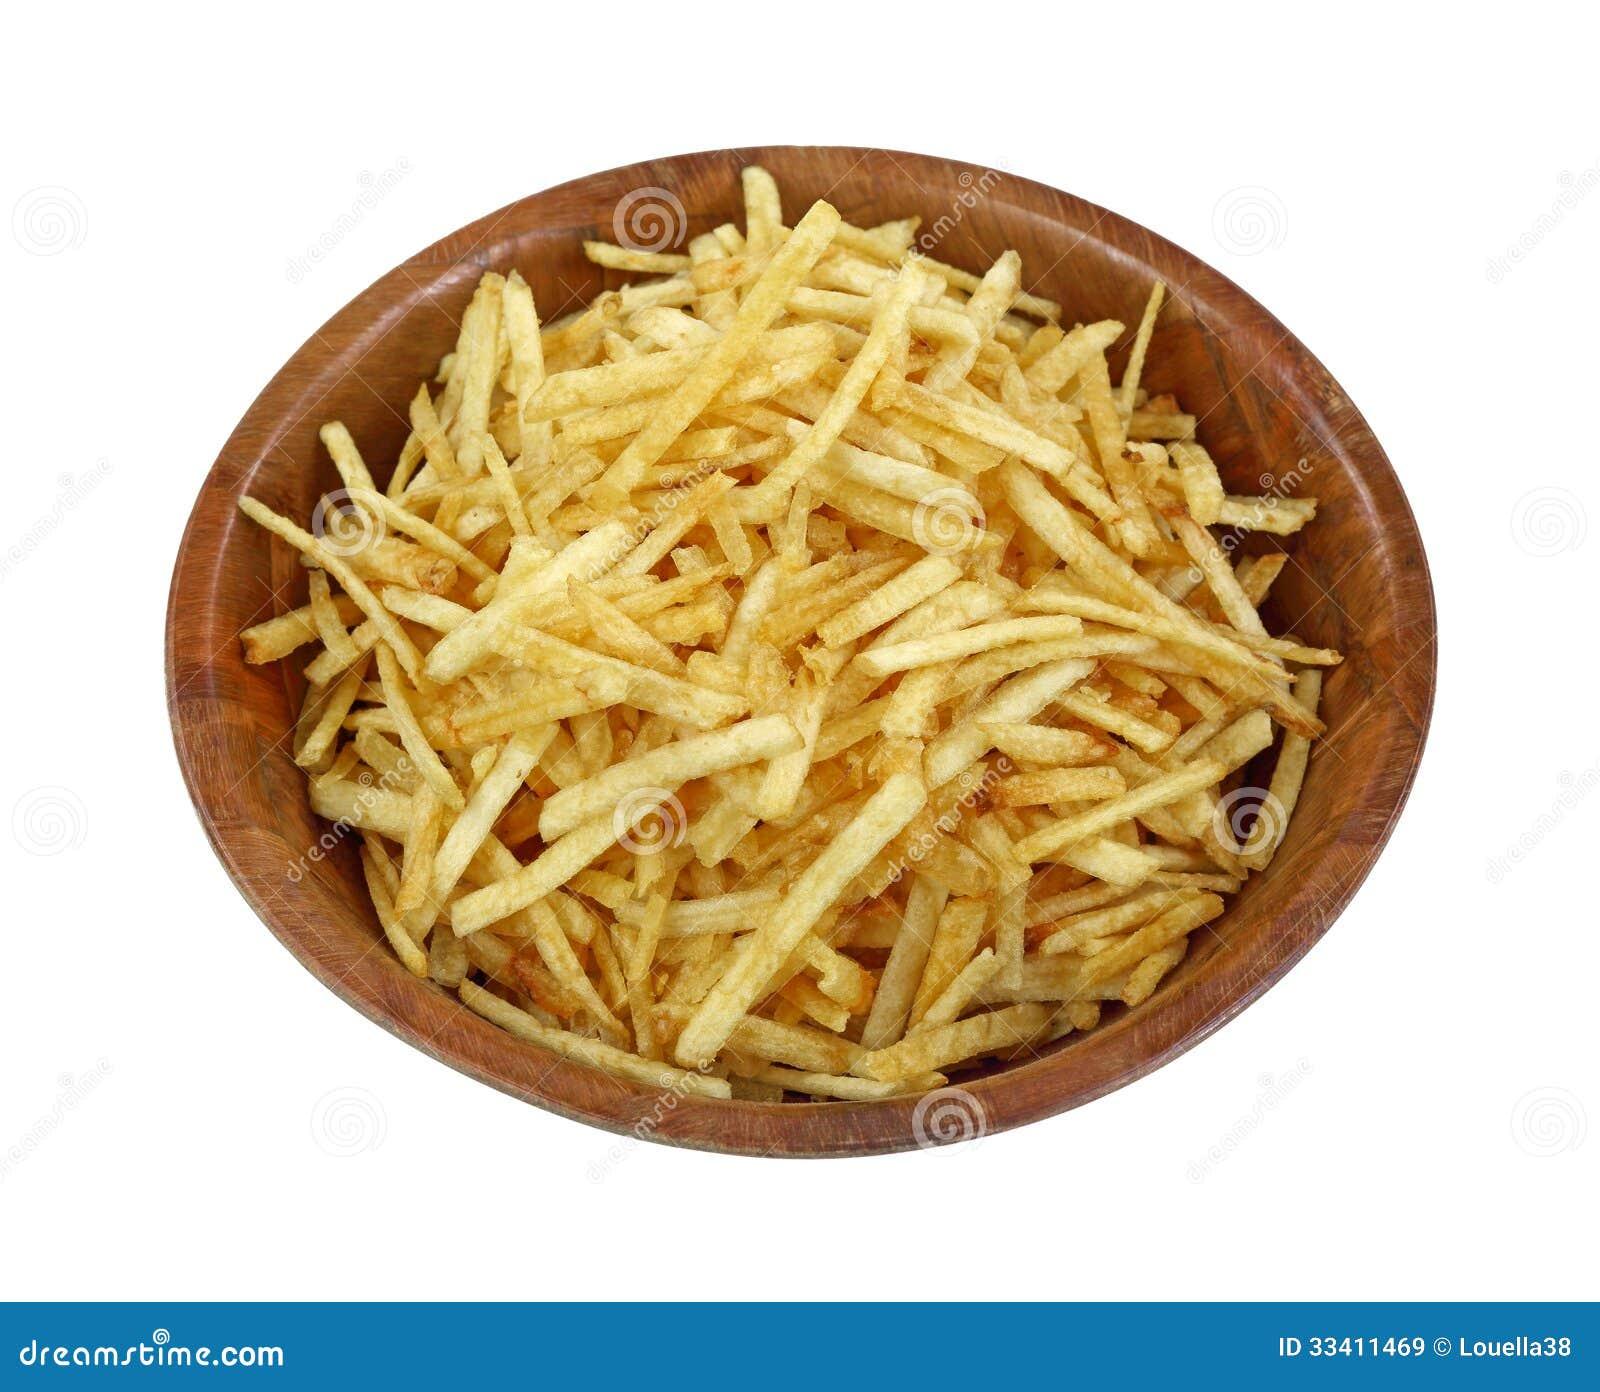 Knusperige feine Kartoffel haftet hölzerne Schüssel